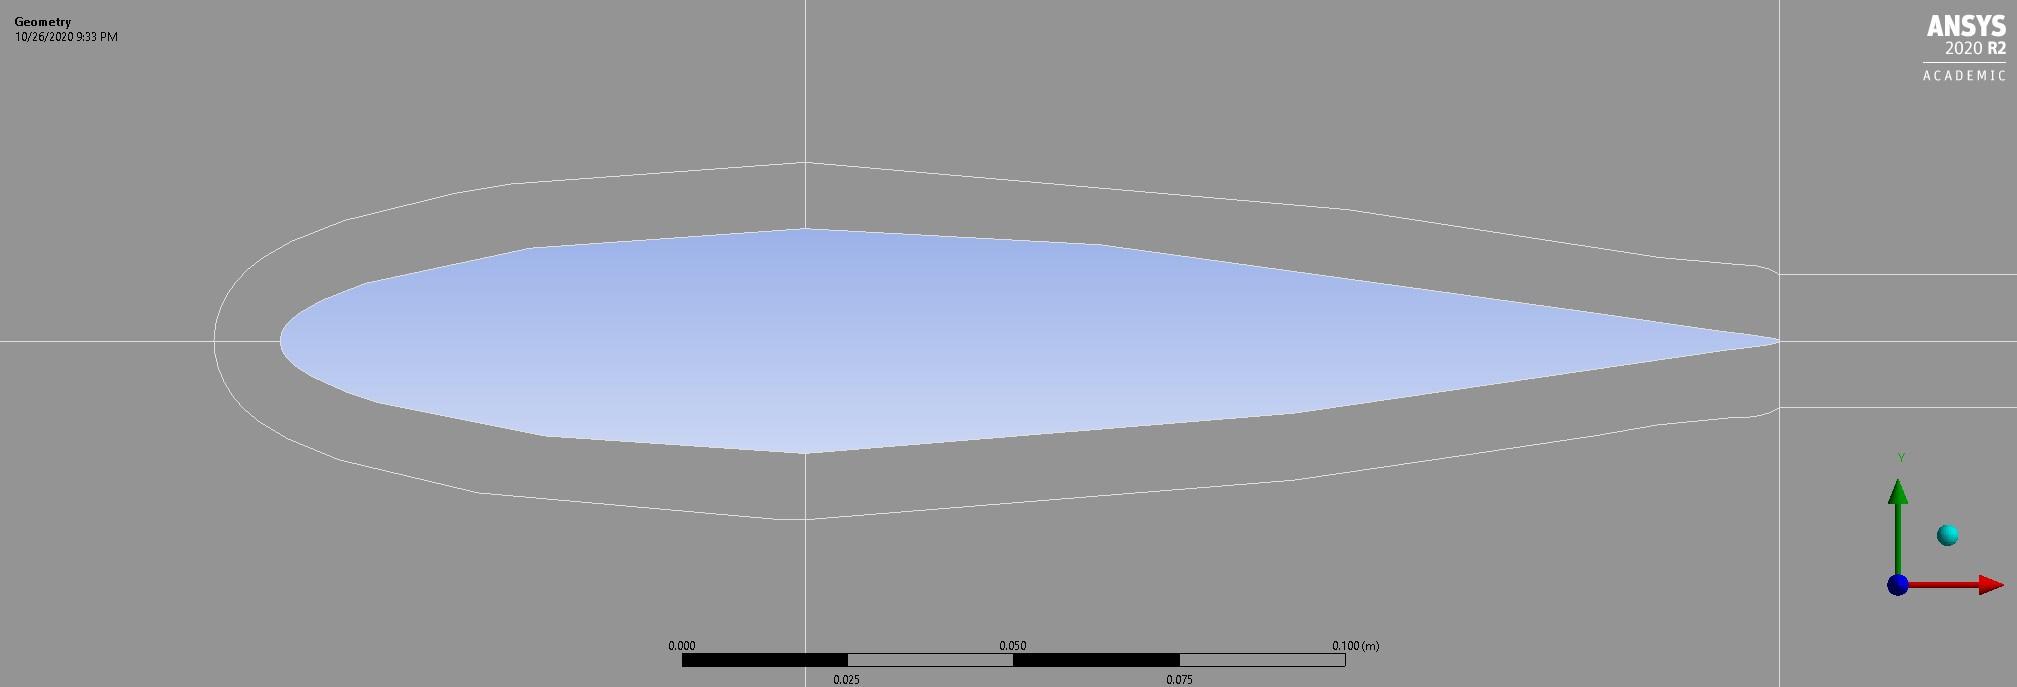 Screenshot 2020-10-26 213340.jpg